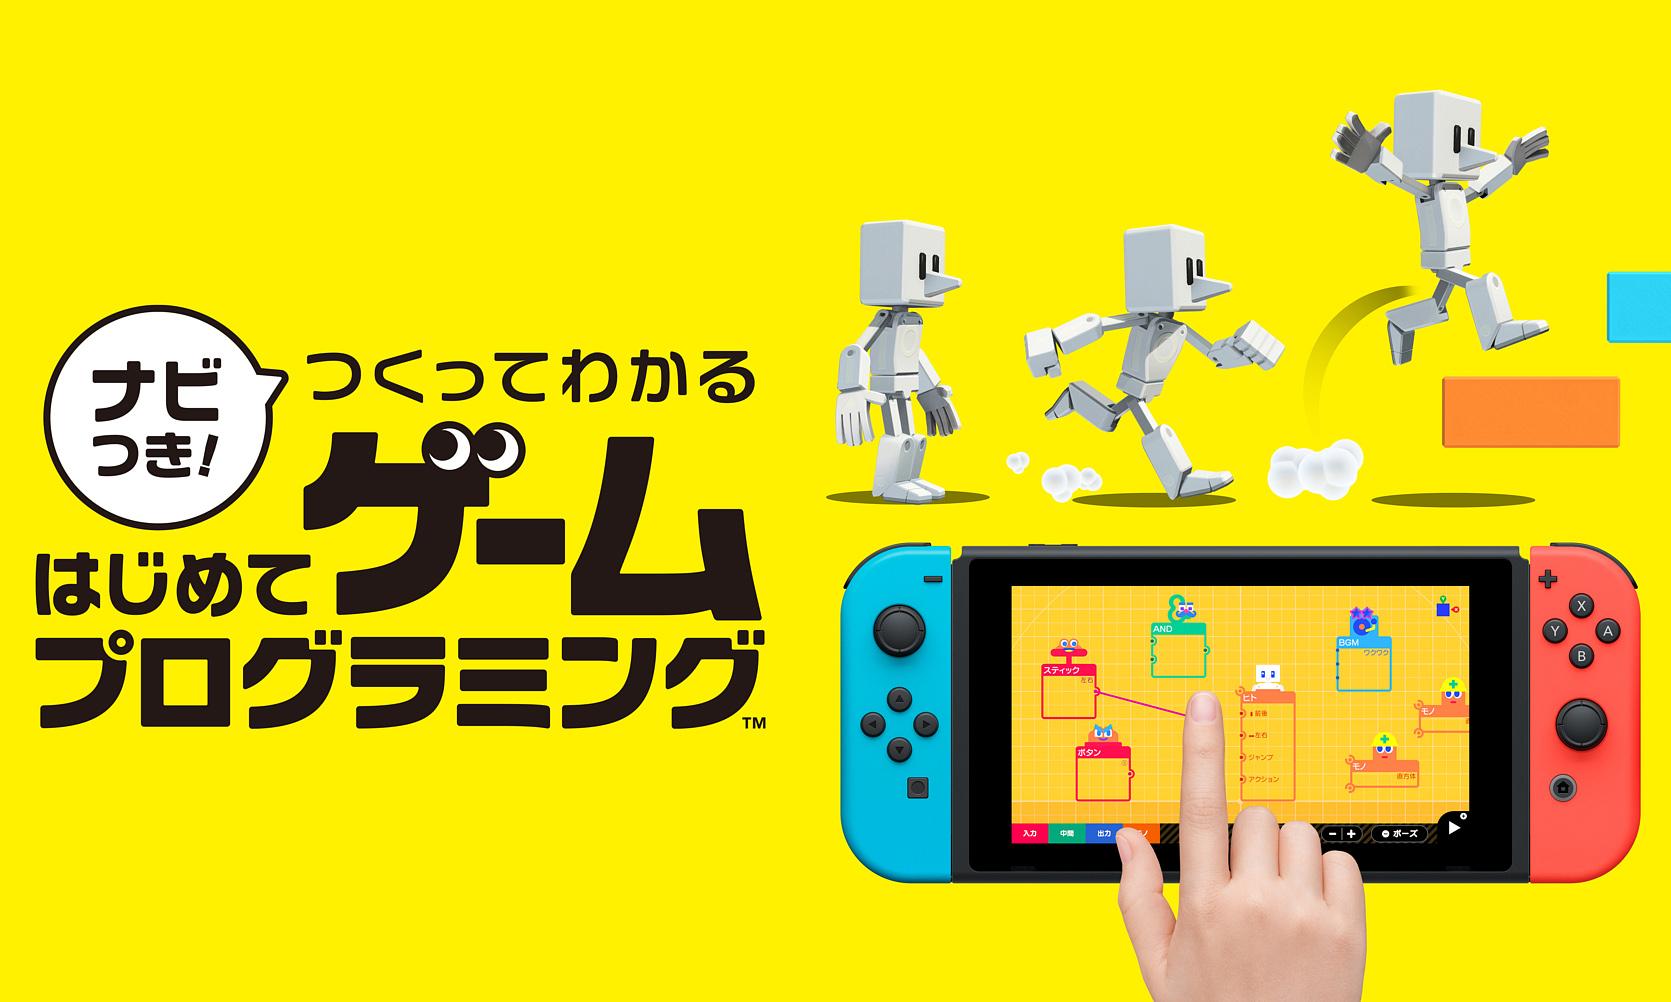 任天堂为 Switch 打造游戏编程工具《初次游戏编程》